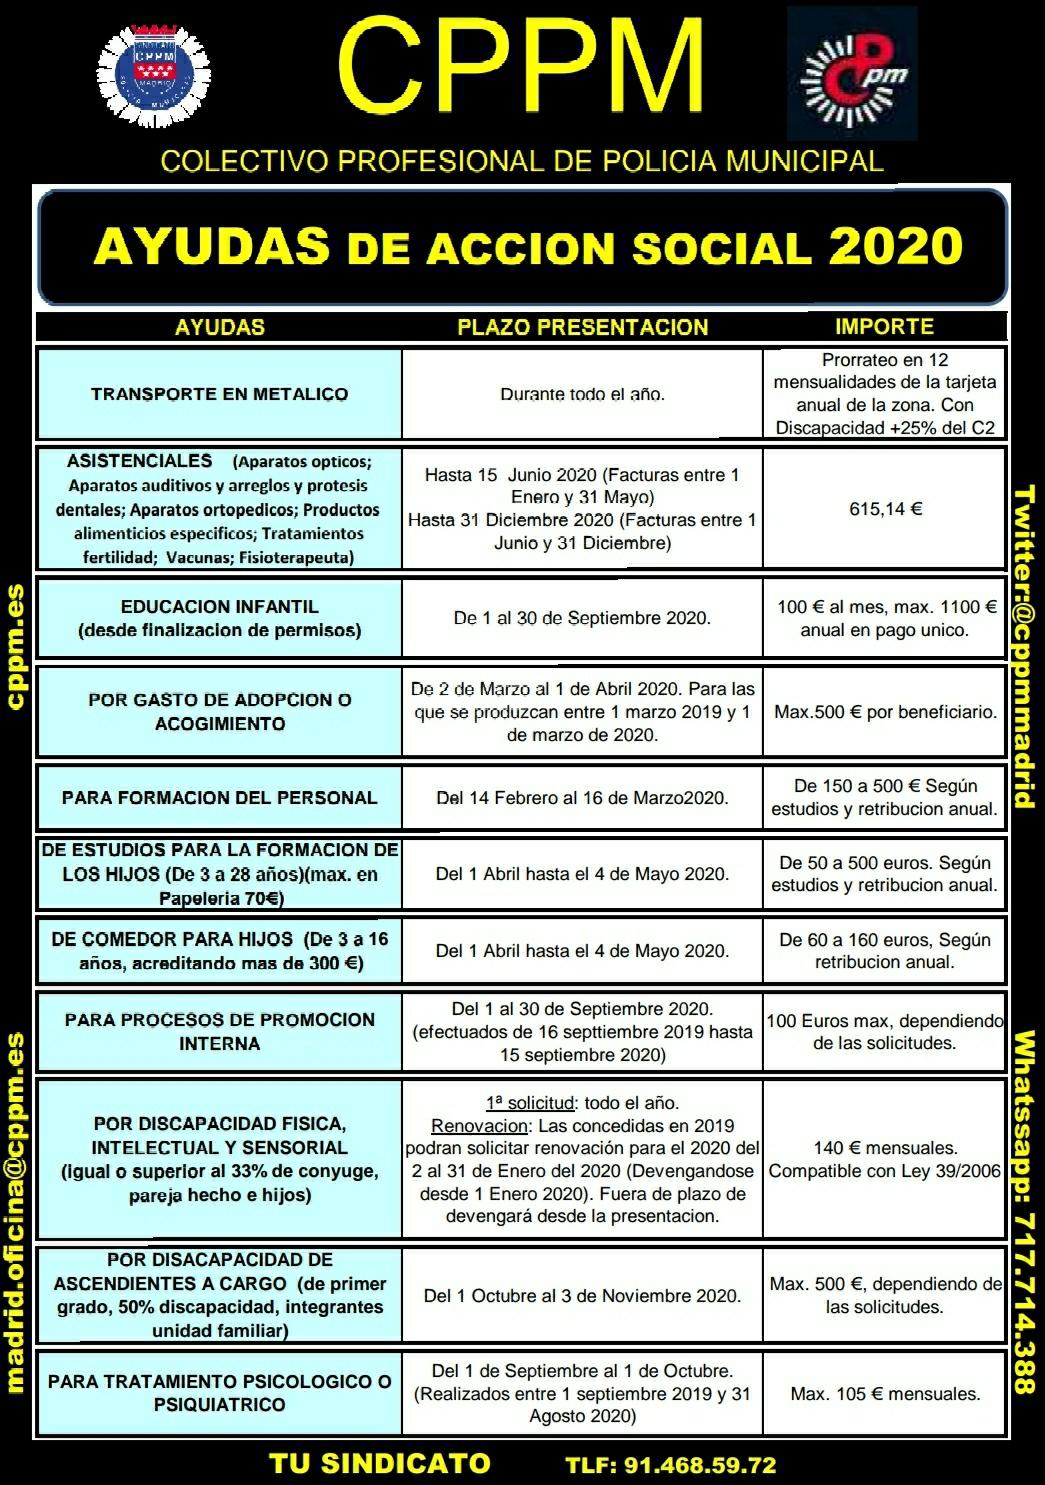 Calendario acción social 2020 Ayto Madrid